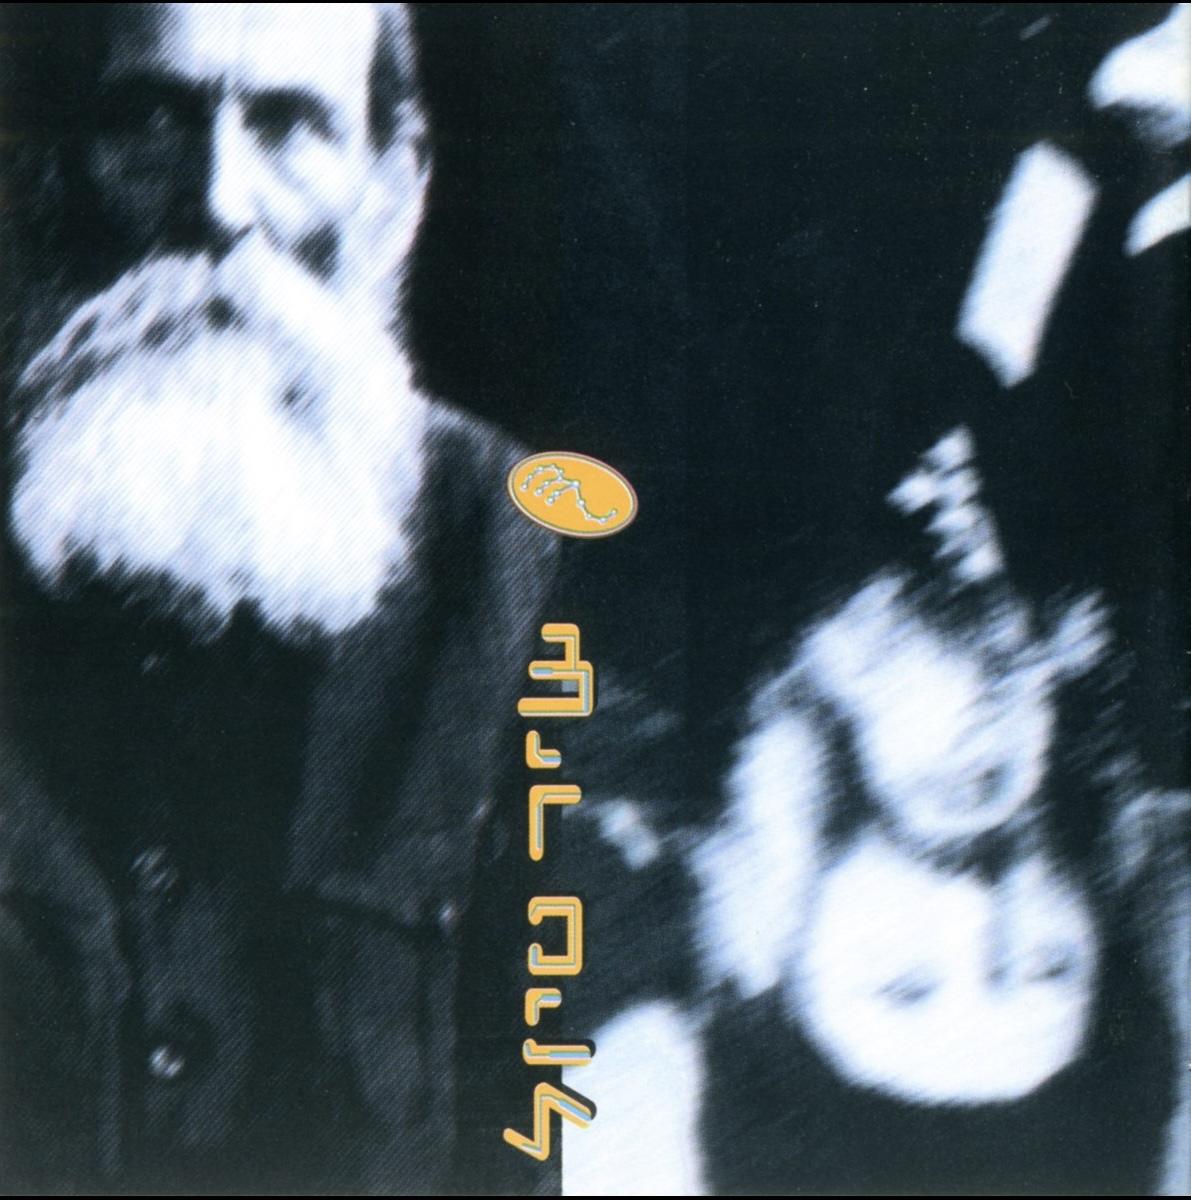 עטיפת האלבום שיר טיול (1999), עיצוב: עירא דיין